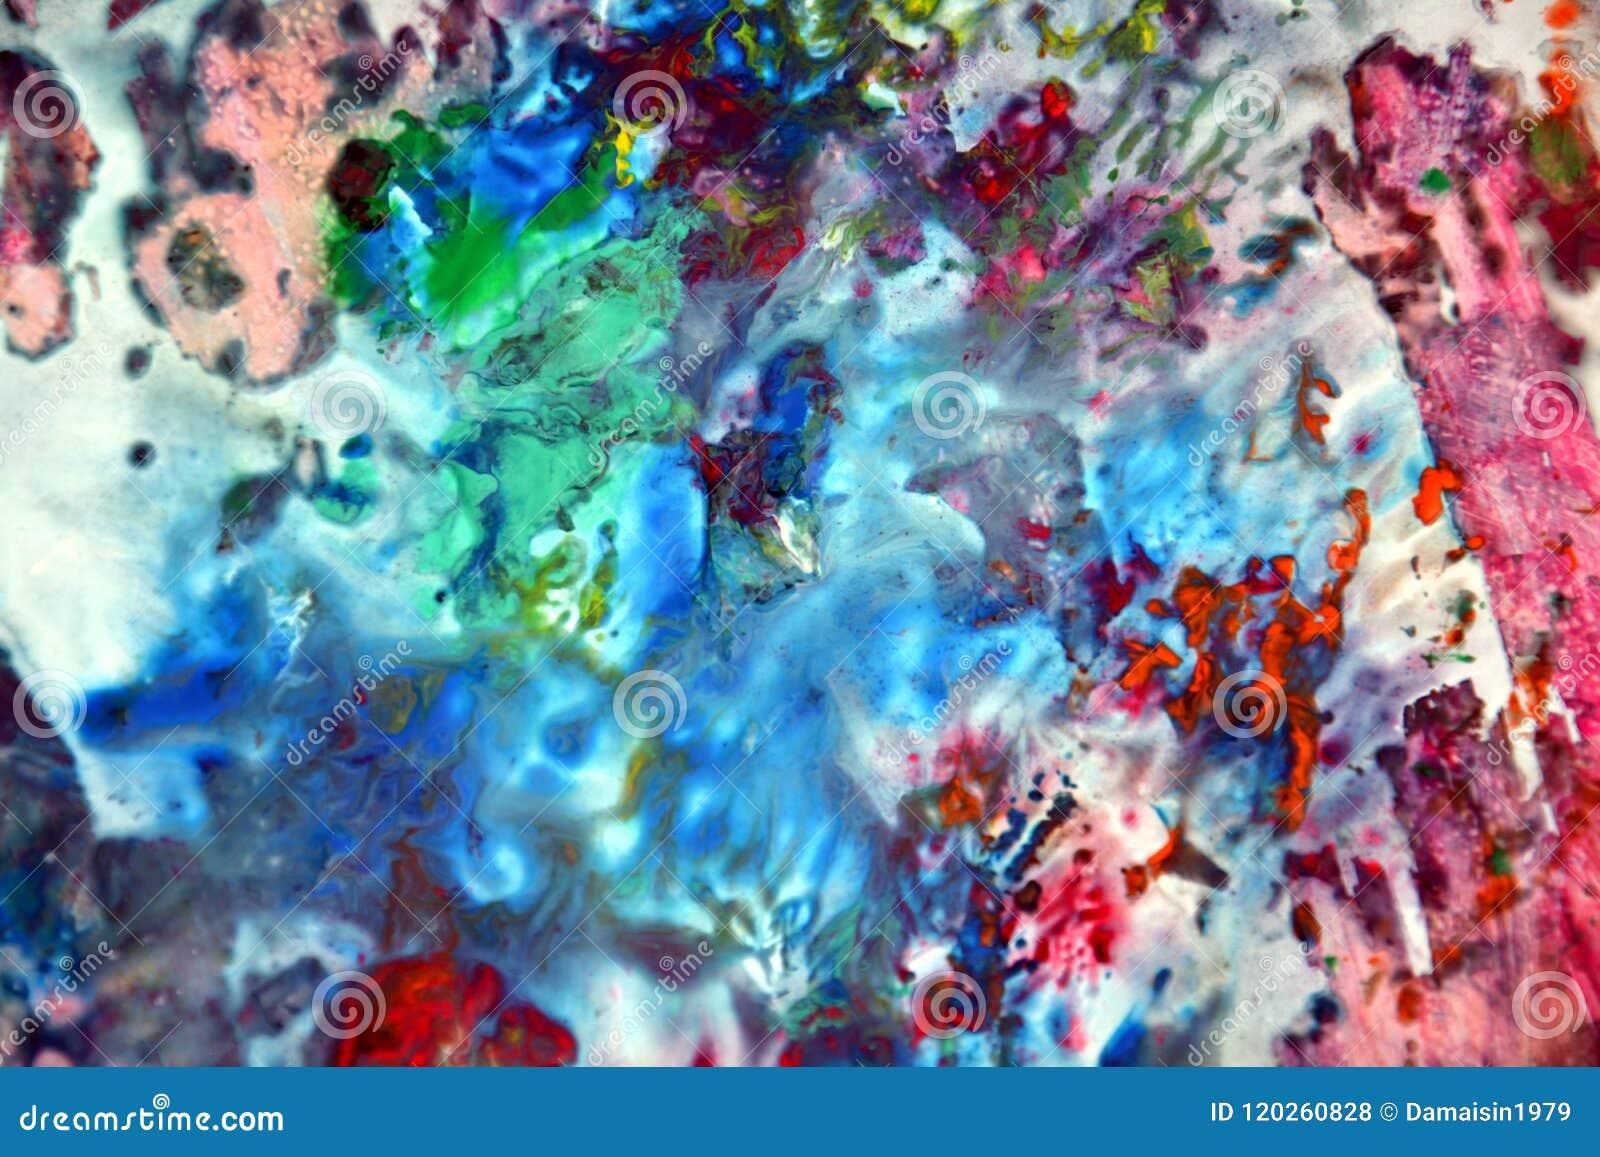 Les Couleurs Roses Violettes De Melange De Vert Bleu Peignant